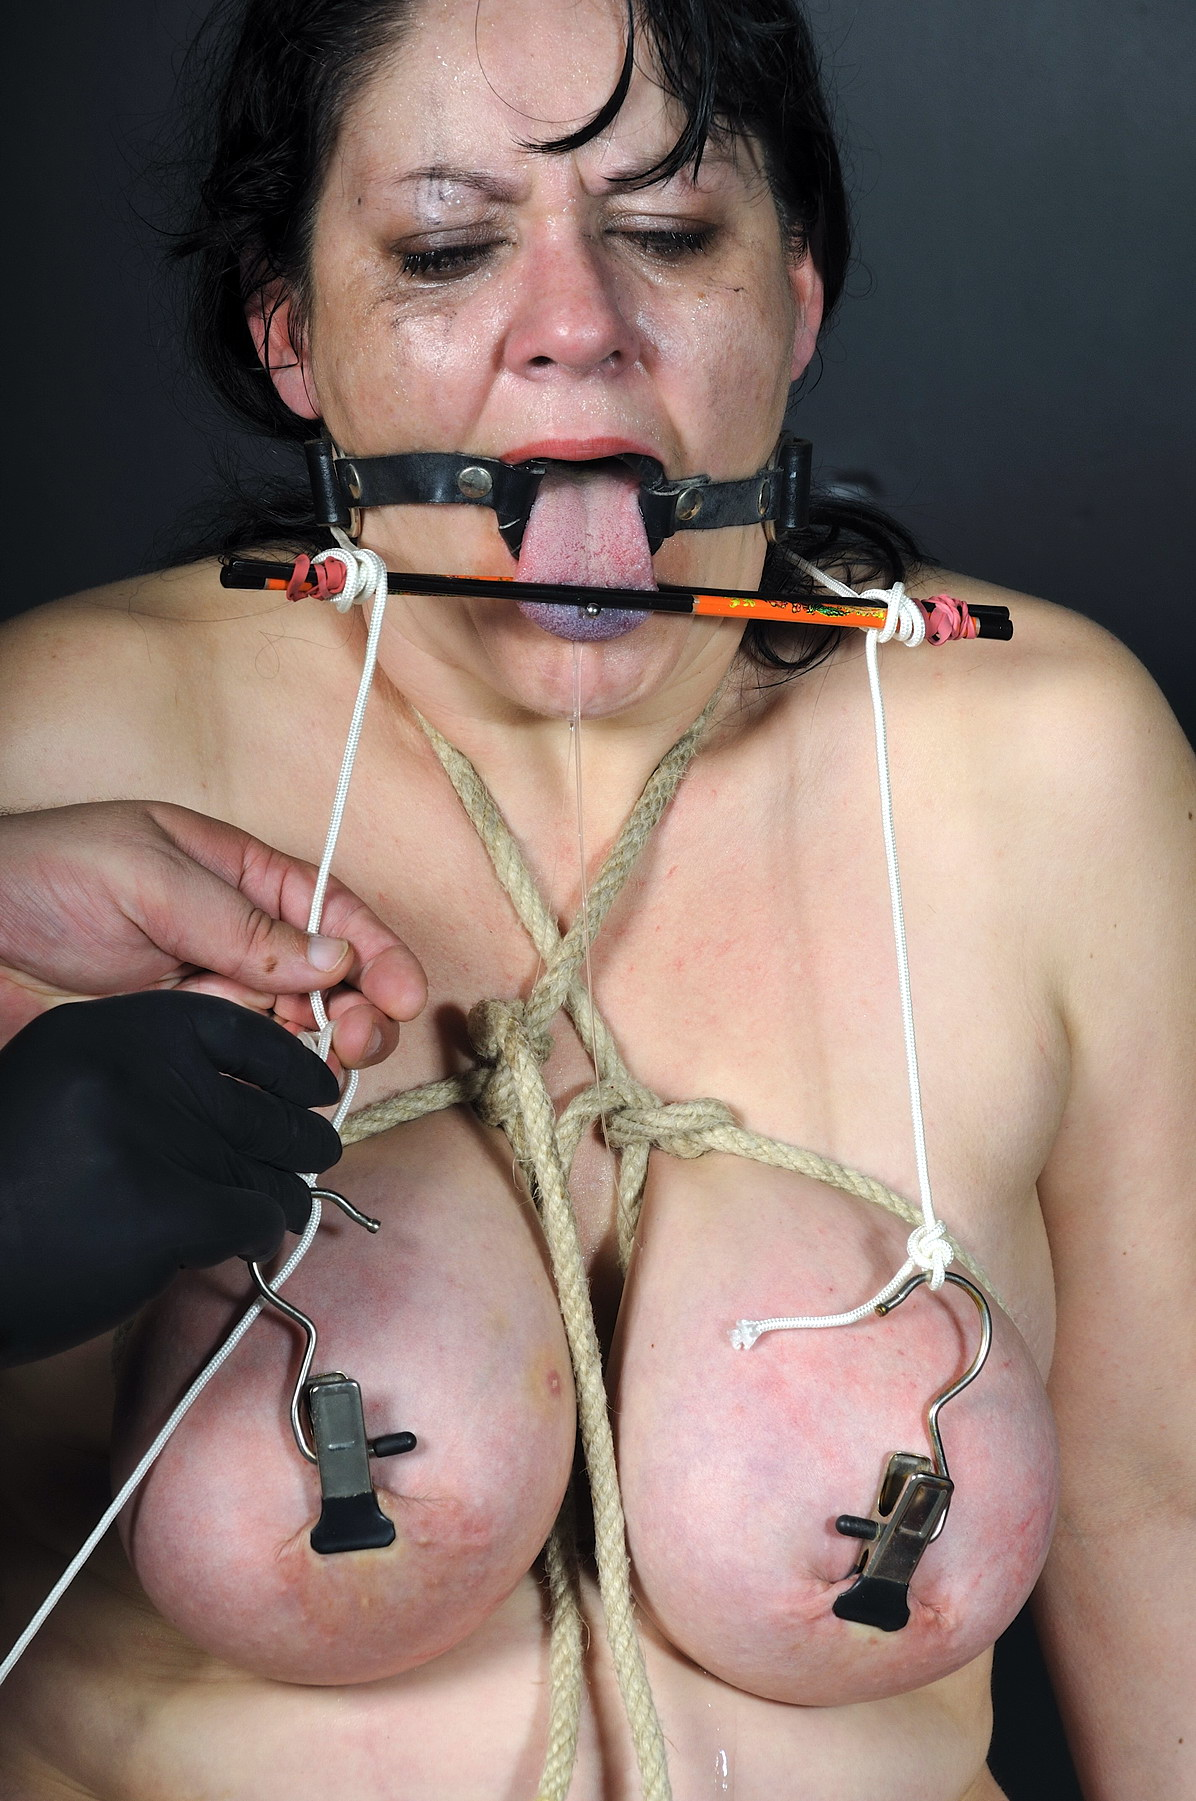 Essa morena Extreme lesbian slut slave domination shit